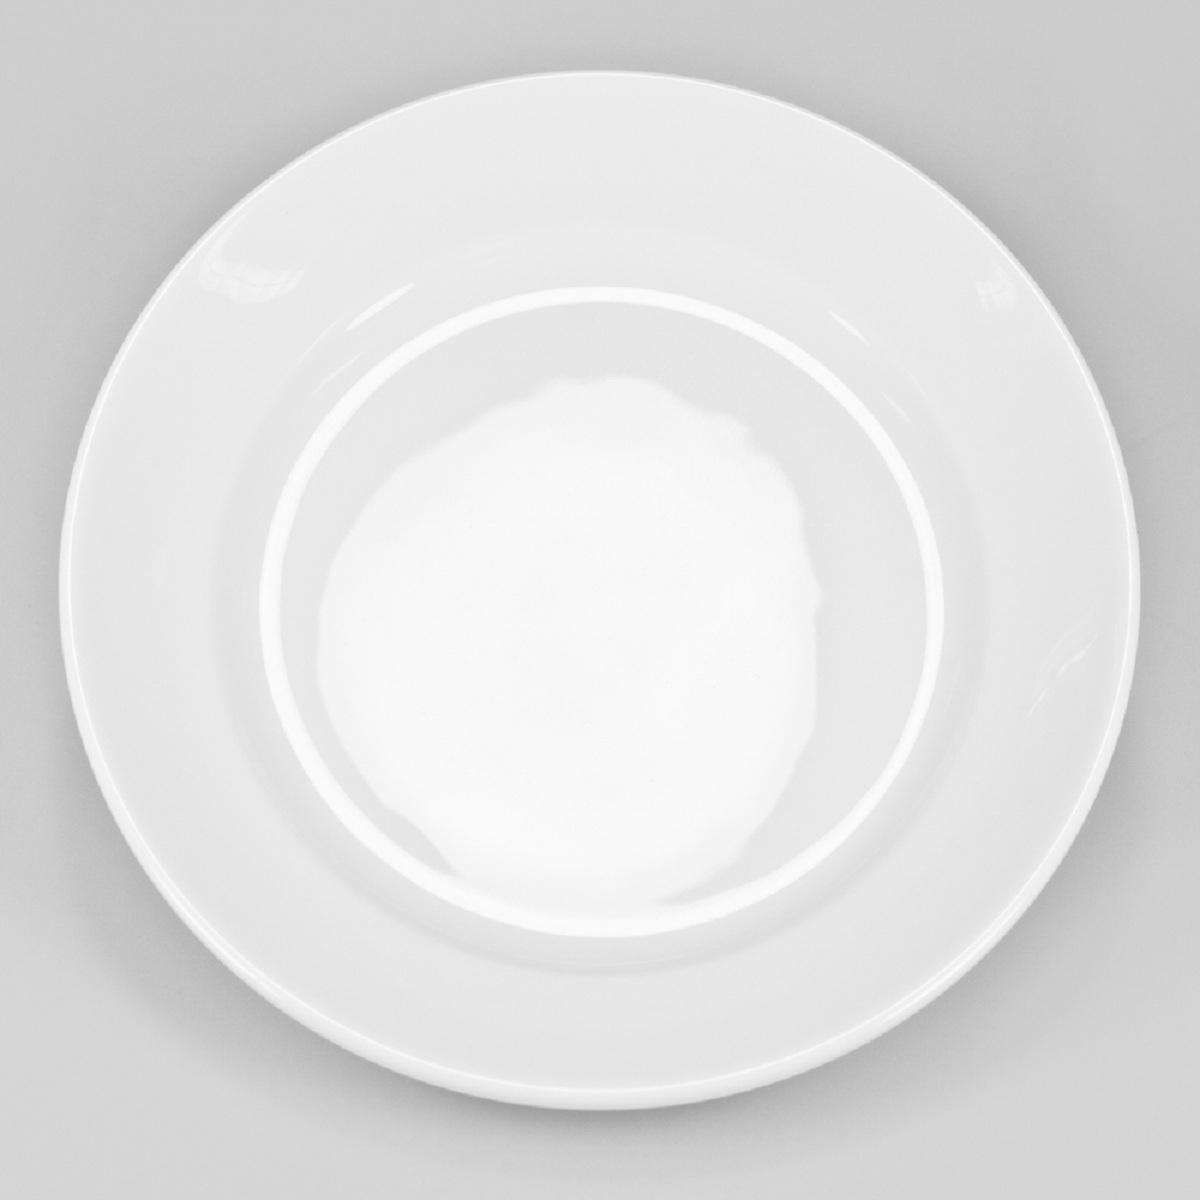 Тарелка Narumi, диаметр 25 см9265-1672Фарфоровые изделия из Японии маркируются на донышке обозначением «CHINA. Made in Japan».«CHINA»-это международное обозначение высококачественного фарфора, происходящее от искаженного титула китайского императора, владеющего монополией на производство фарфора.Обозначение «Bone China» соответствует утонченному и изысканному костяному фарфору, популярность которого сейчас высока как никогда. Посуда из костяного фарфора этой фирмы имеет оригинальные формы, которые выделяют его среди продукции других фабрик. Продукцию этой фабрики характеризует значительная доля высококвалифицированного ручного труда, именно поэтому фарфор представляет собой высокий уровень, проявляющийся в изделиях для повседневного использования и праздничных ситуациях. Объединение ручного мастерства и дизайнерской идеи создает декоры, которые подчёркивают особую индивидуальность каждой формы. . В продажу поступает фарфор только высокого качества, отличающий уже много лет традиционную марку «NARUMI» Костяной фарфор фабрики «NARUMI» можно мыть в посудомоечной машине.